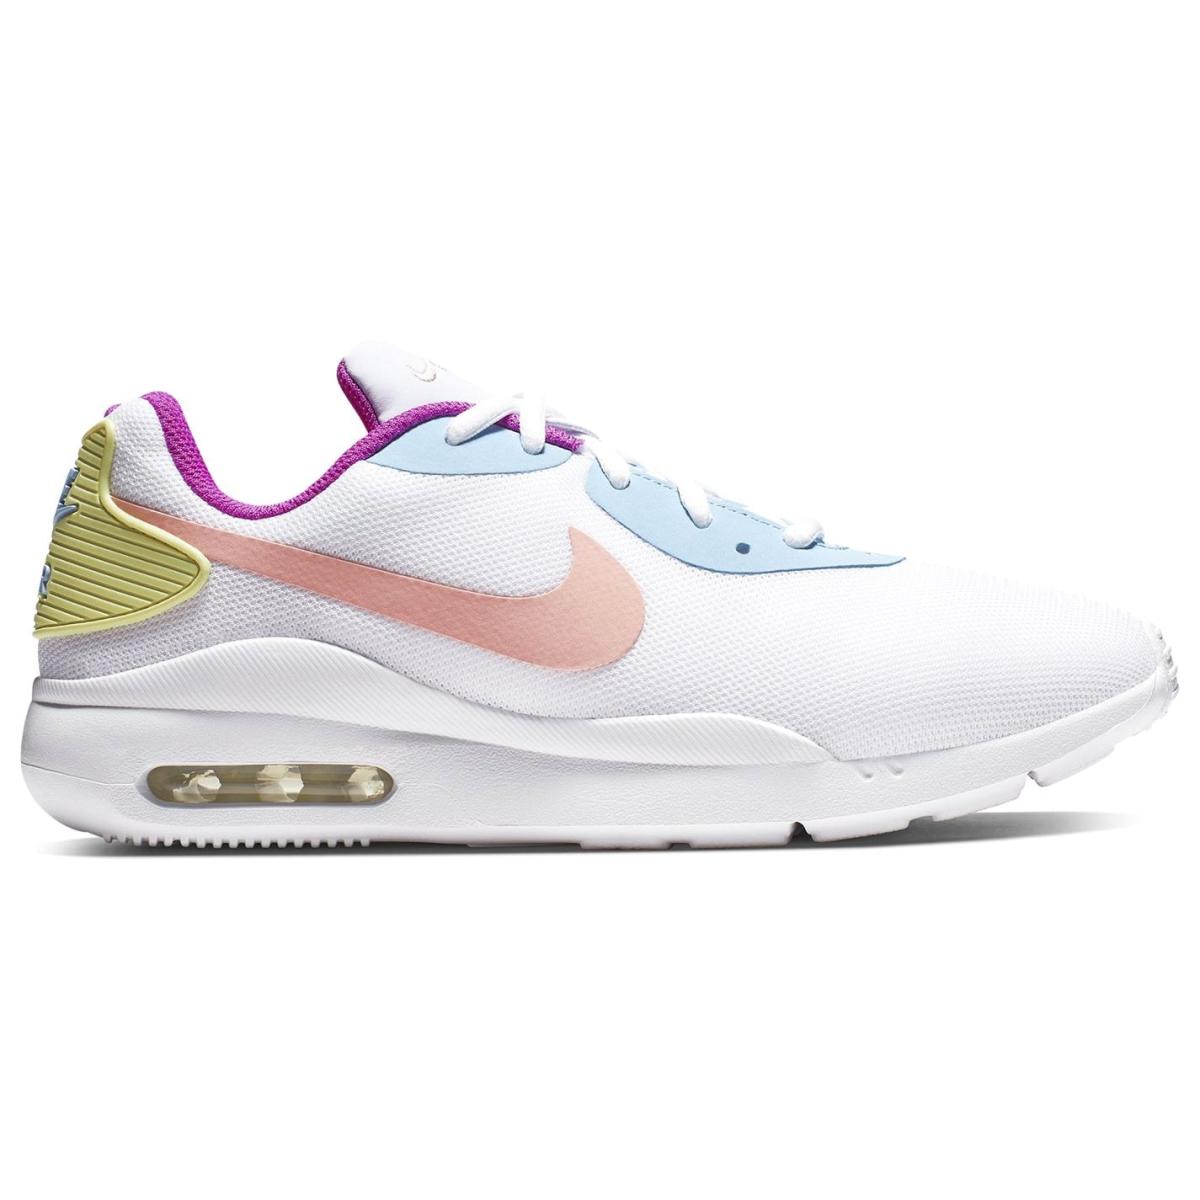 Nike-Air-Max-Oketo-Turnschuhe-Laufschuhe-Damen-Sportschuhe-Sneaker-4034 Indexbild 13